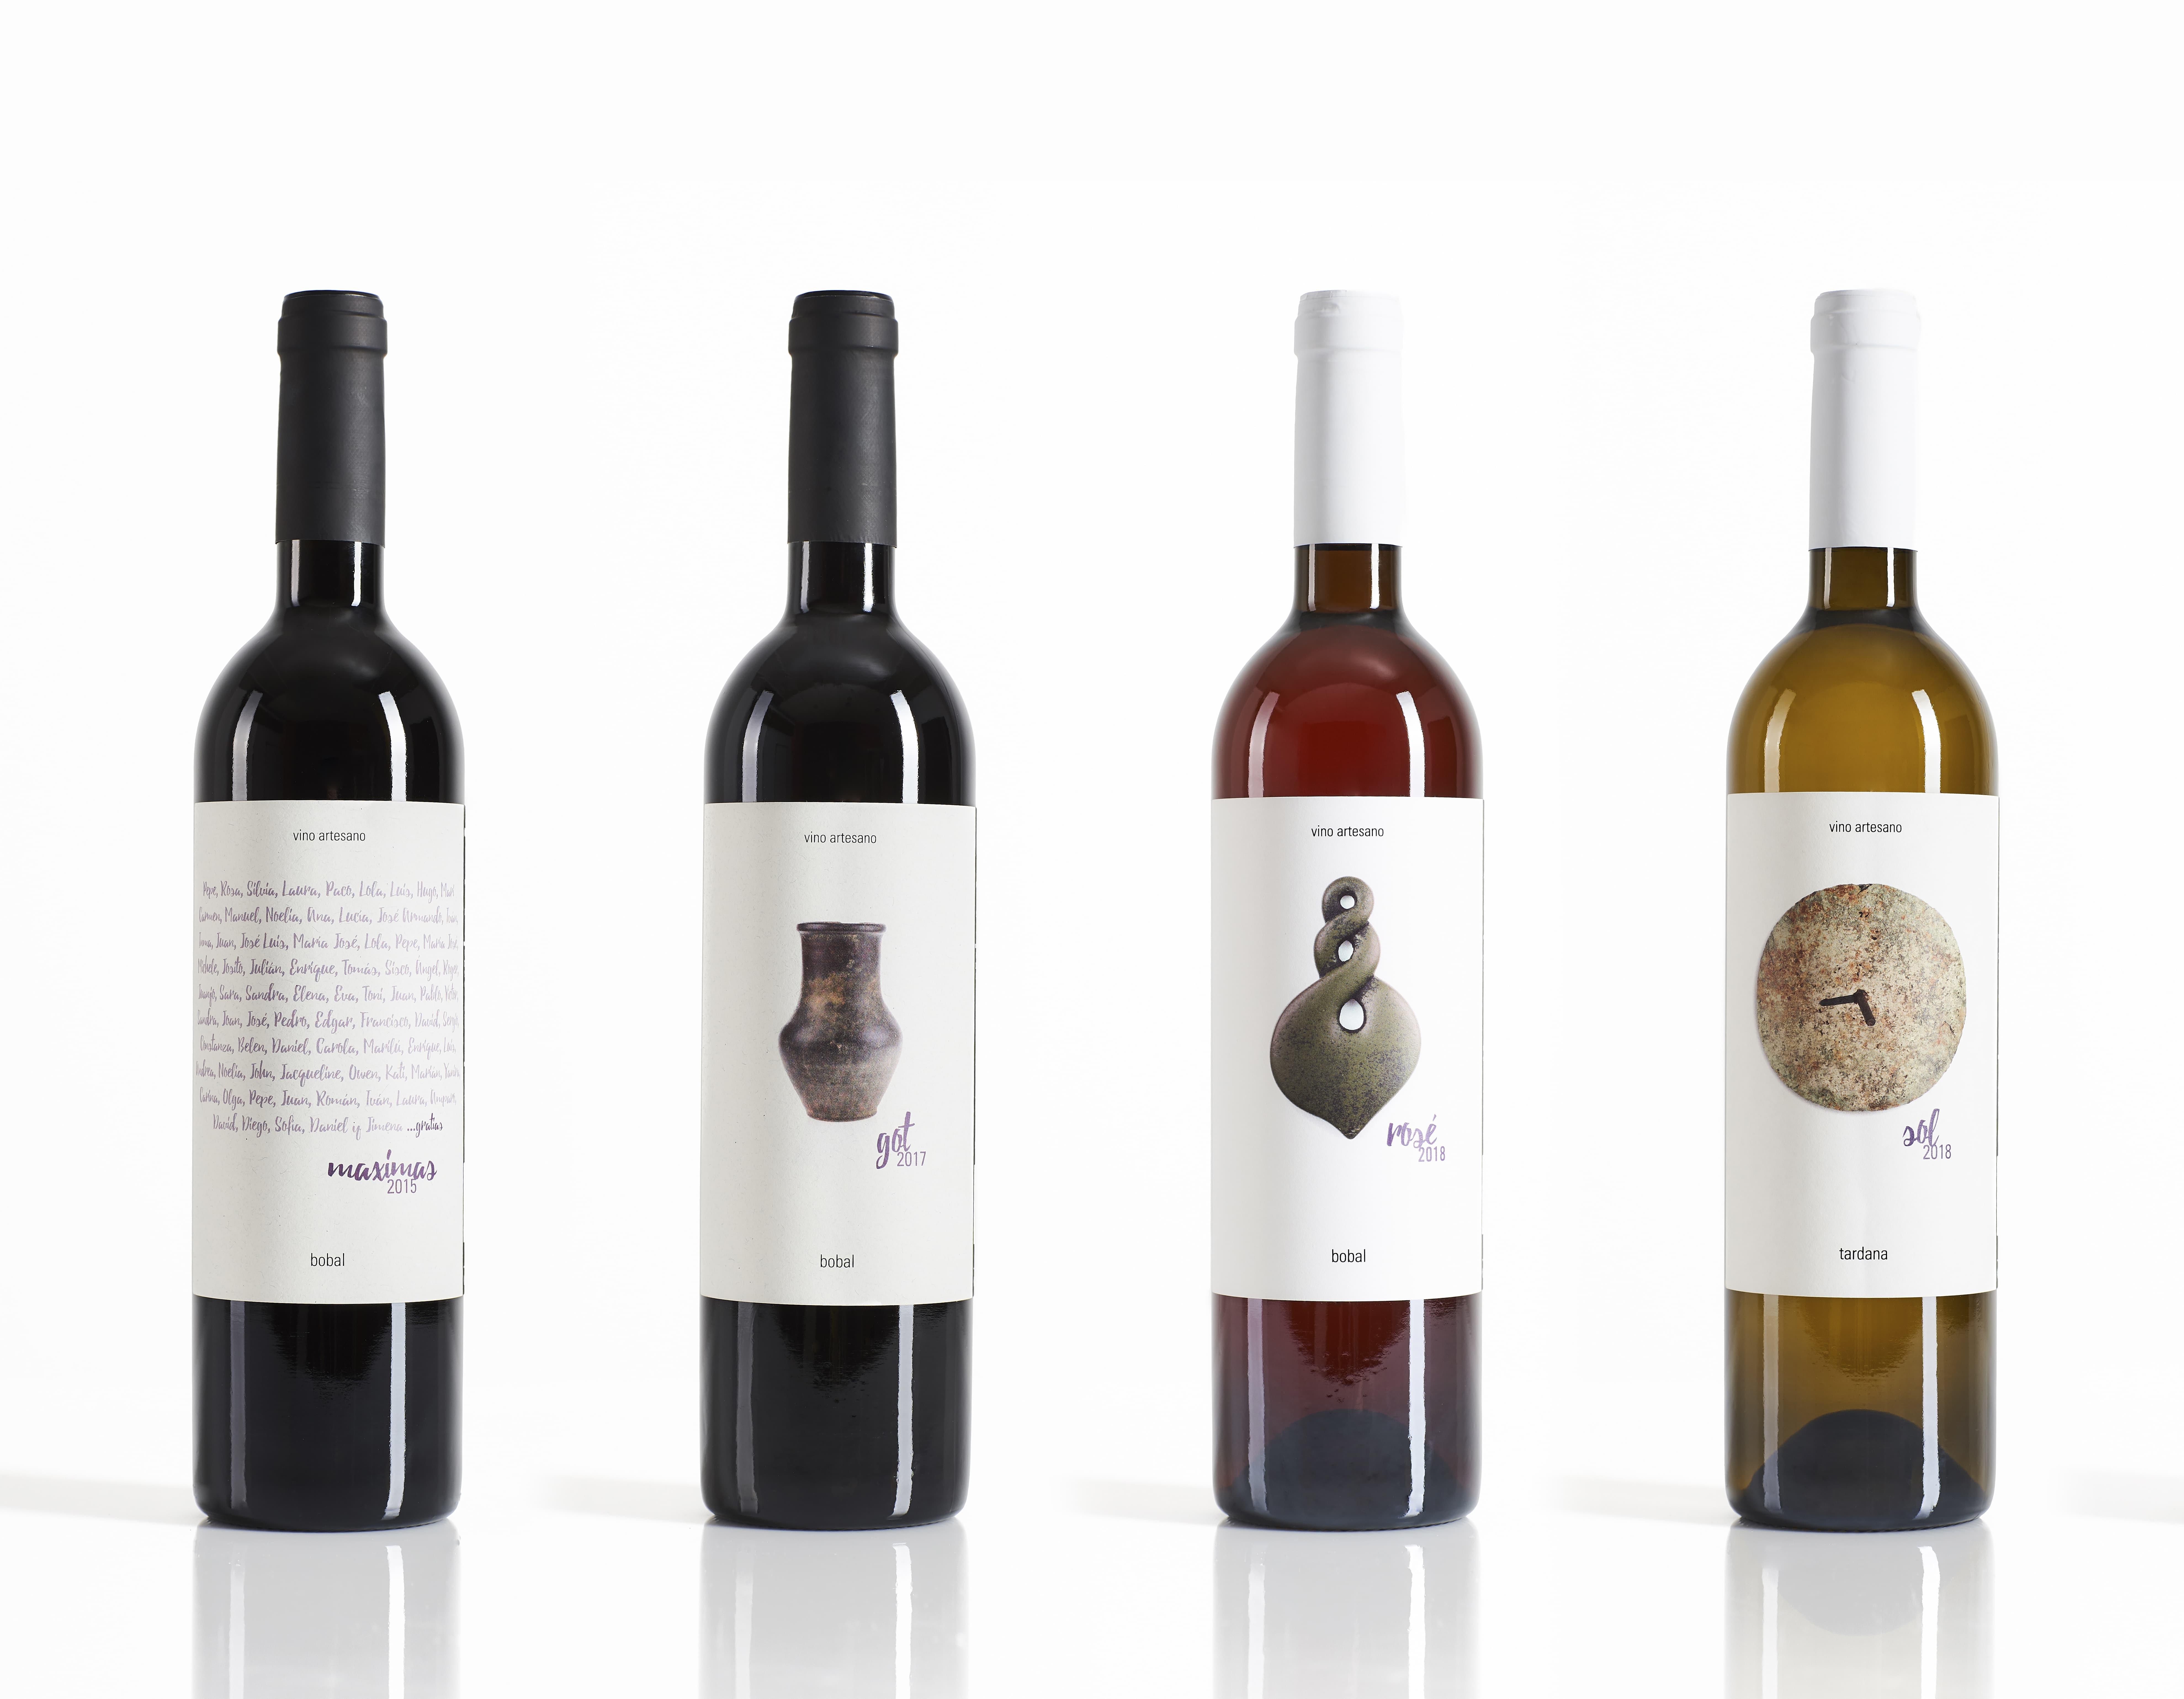 Familia vinos ...gratias